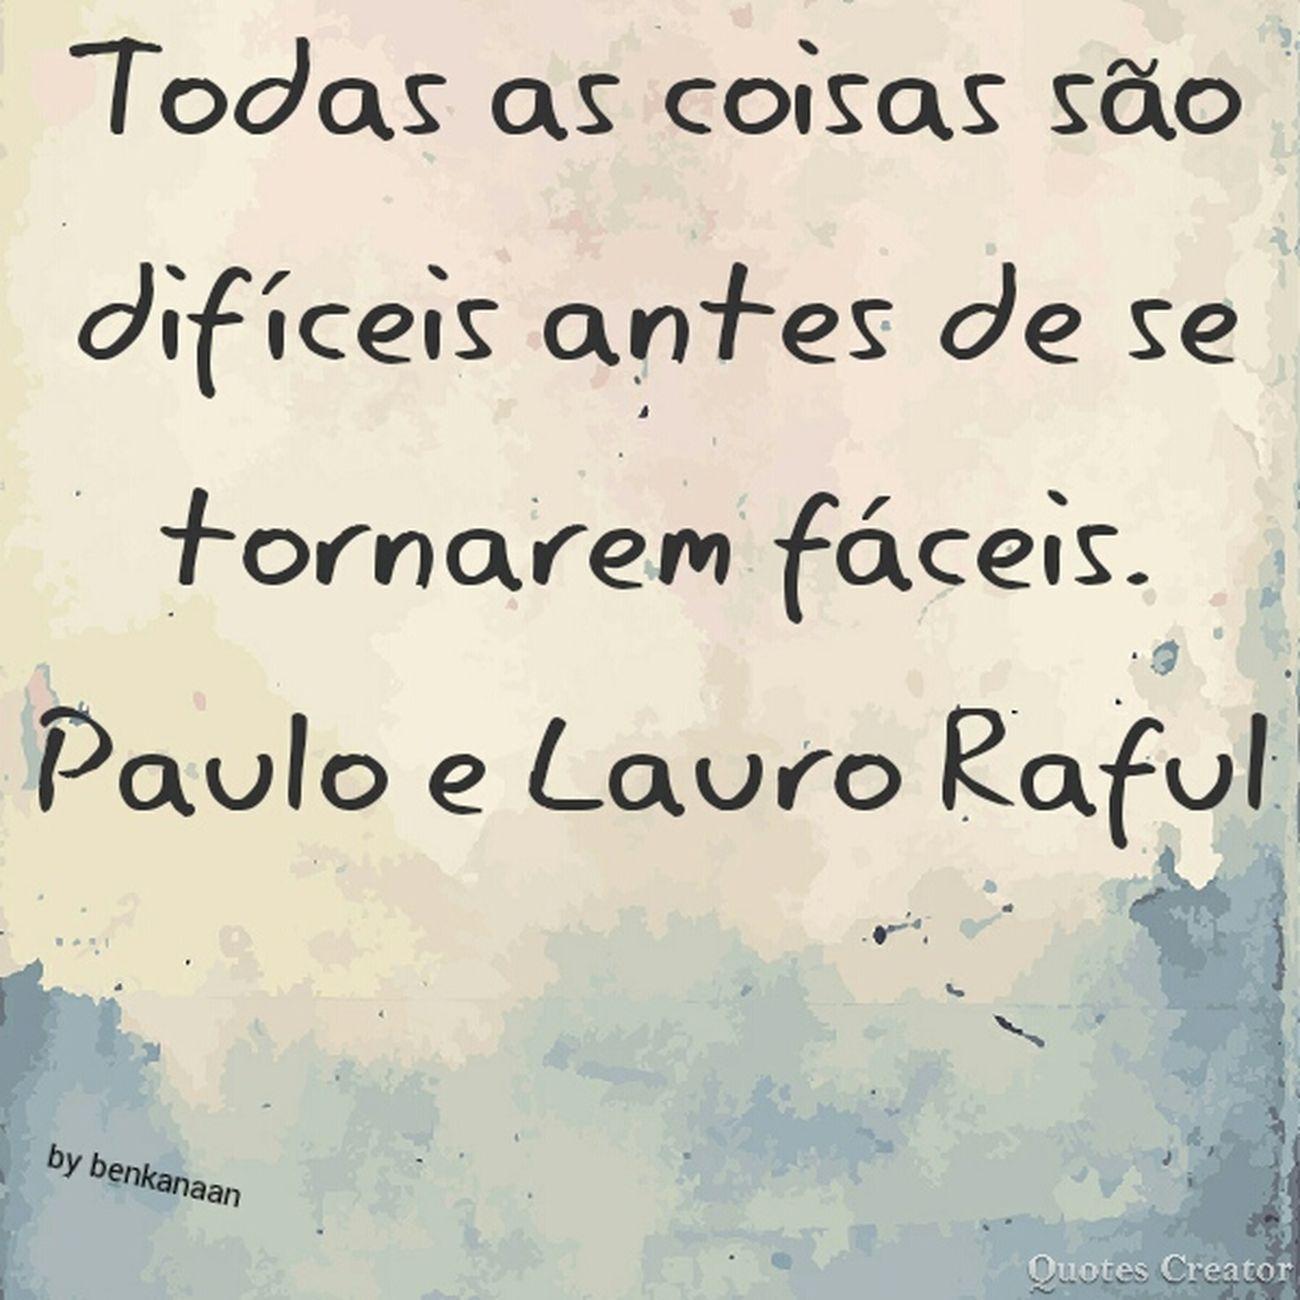 Text Quotes To Inspire Pensamiento De Vida Citazionifamose Citações Citação Cita Citaĵoj Frase Quote Quotes Brasil Brazil